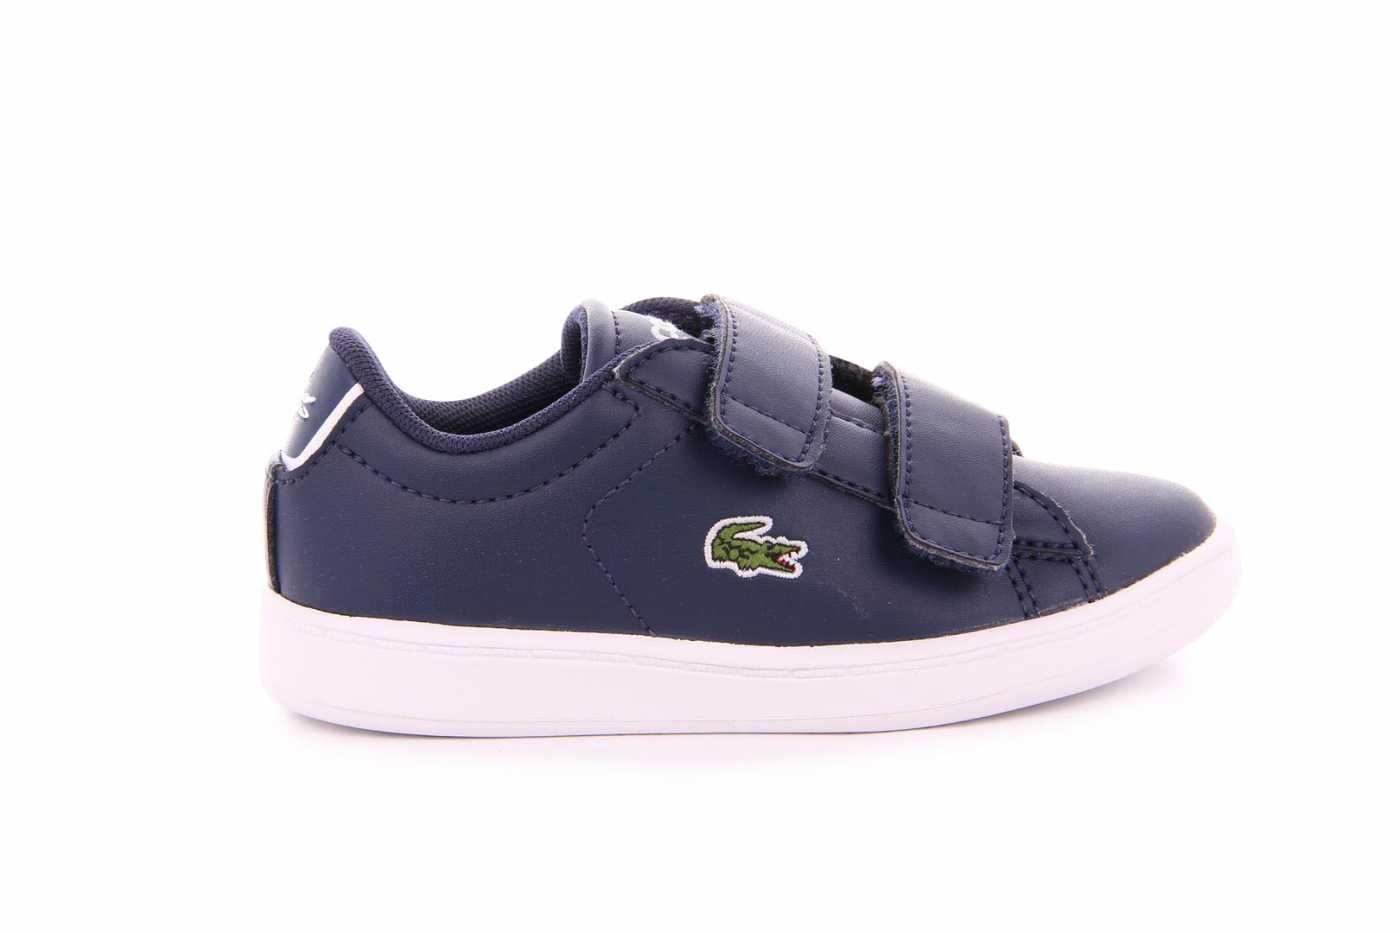 8278157c9b970 Comprar zapato tipo JOVEN NIÑO estilo DEPORTIVO COLOR AZUL PIEL ...